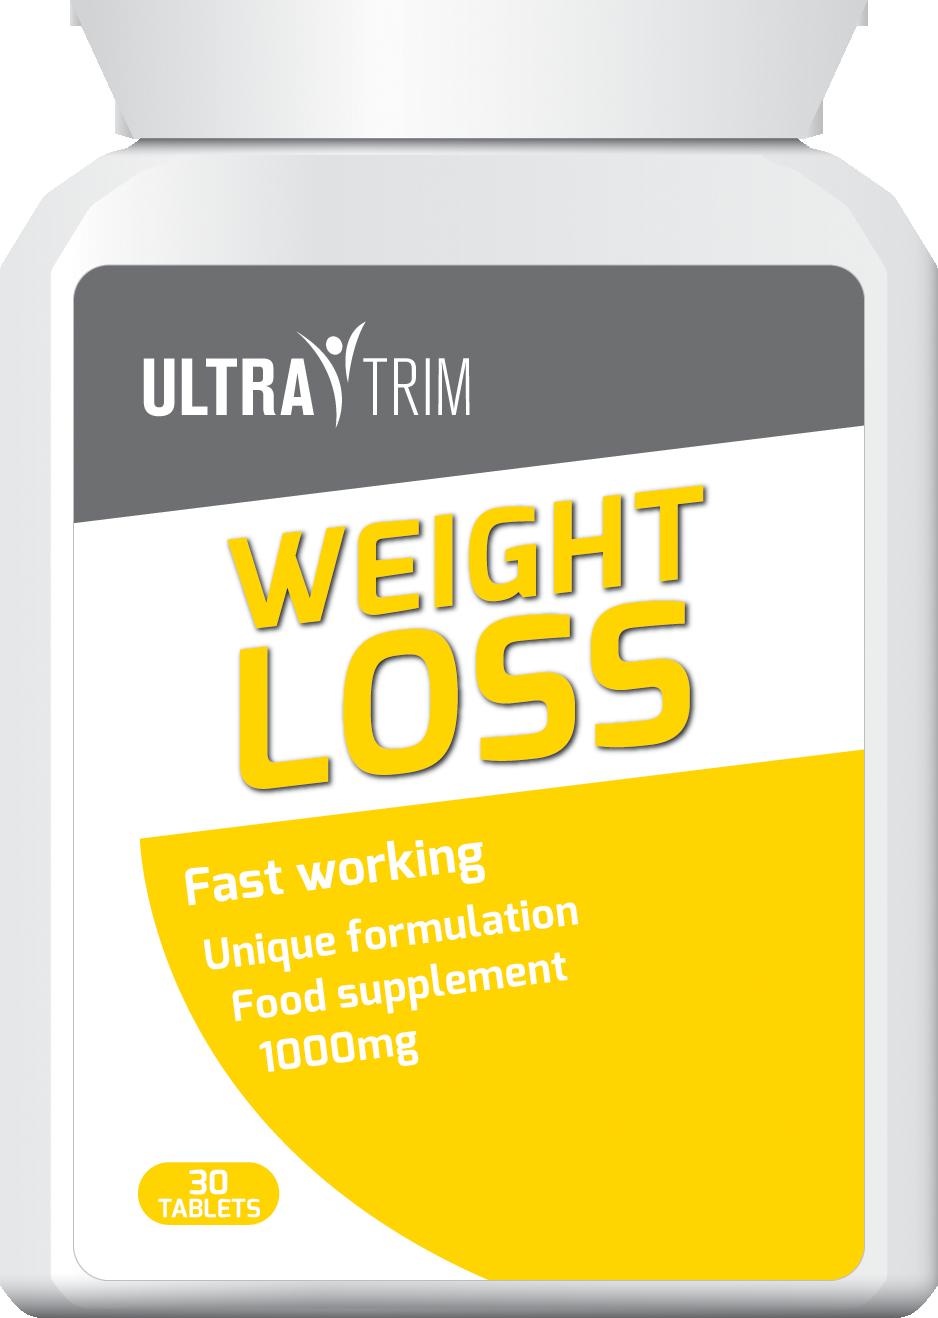 ULTRA TRIM WEIGHT LOSS PILLS